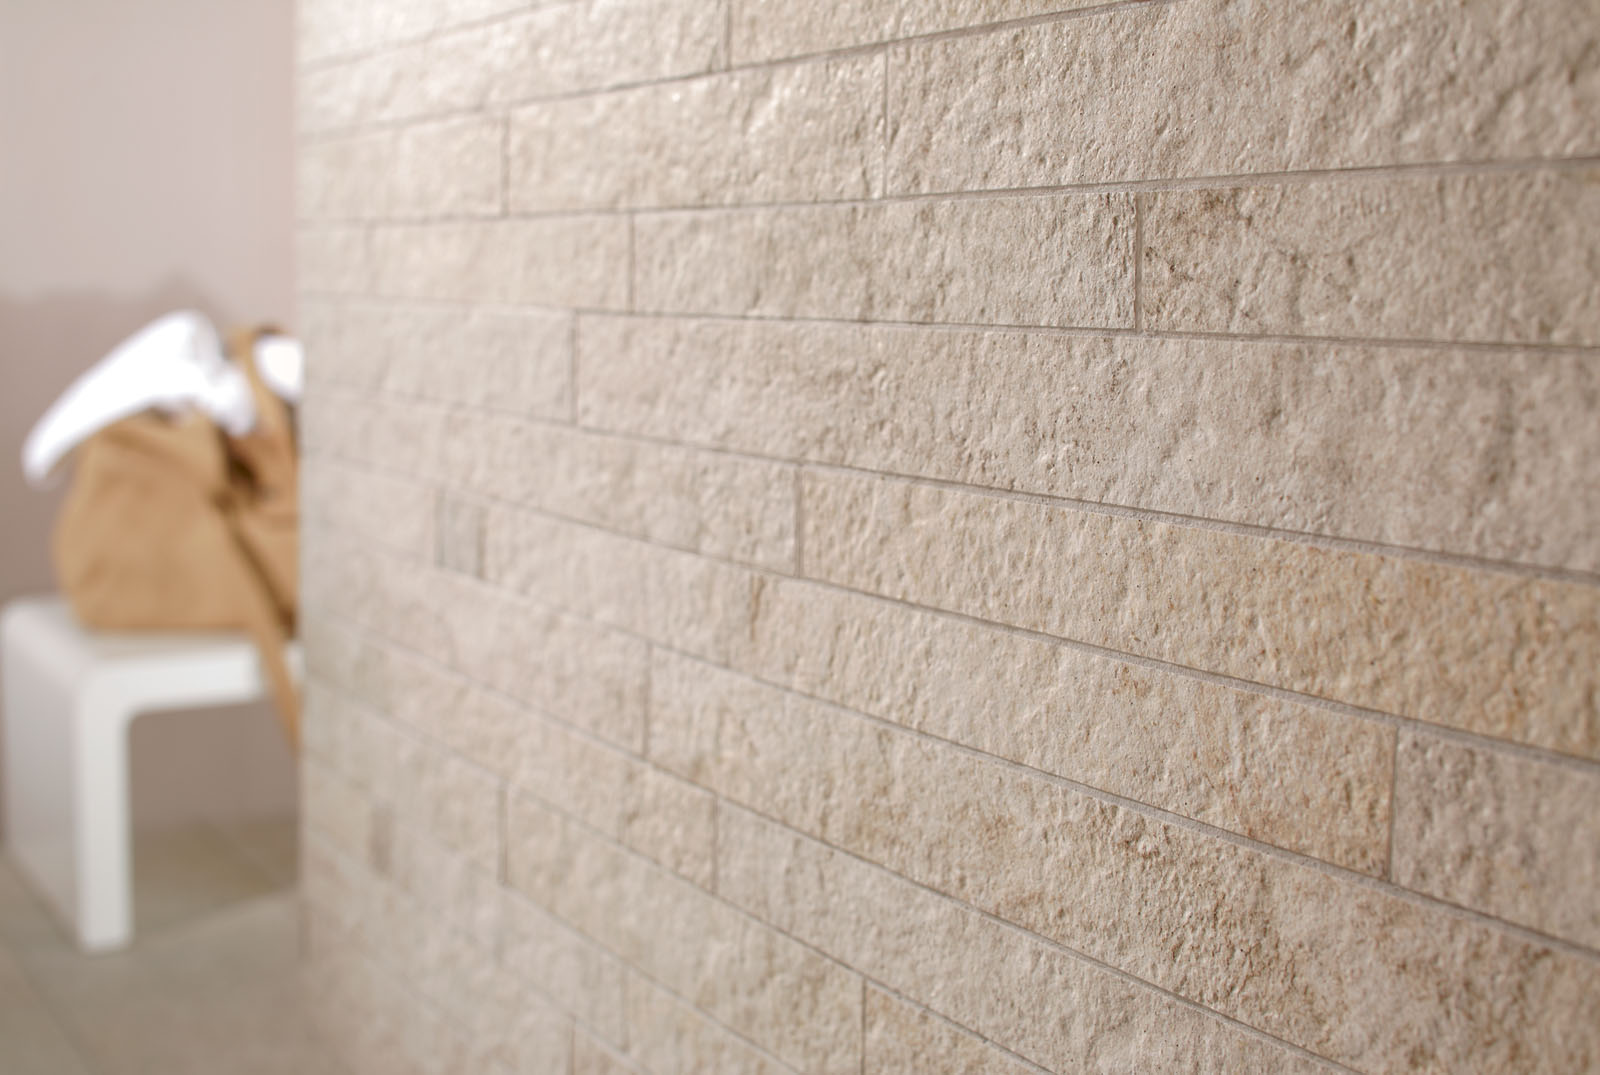 Piastrelle a mosaico per bagno e altri ambienti marazzi for Mosaici pavimenti interni